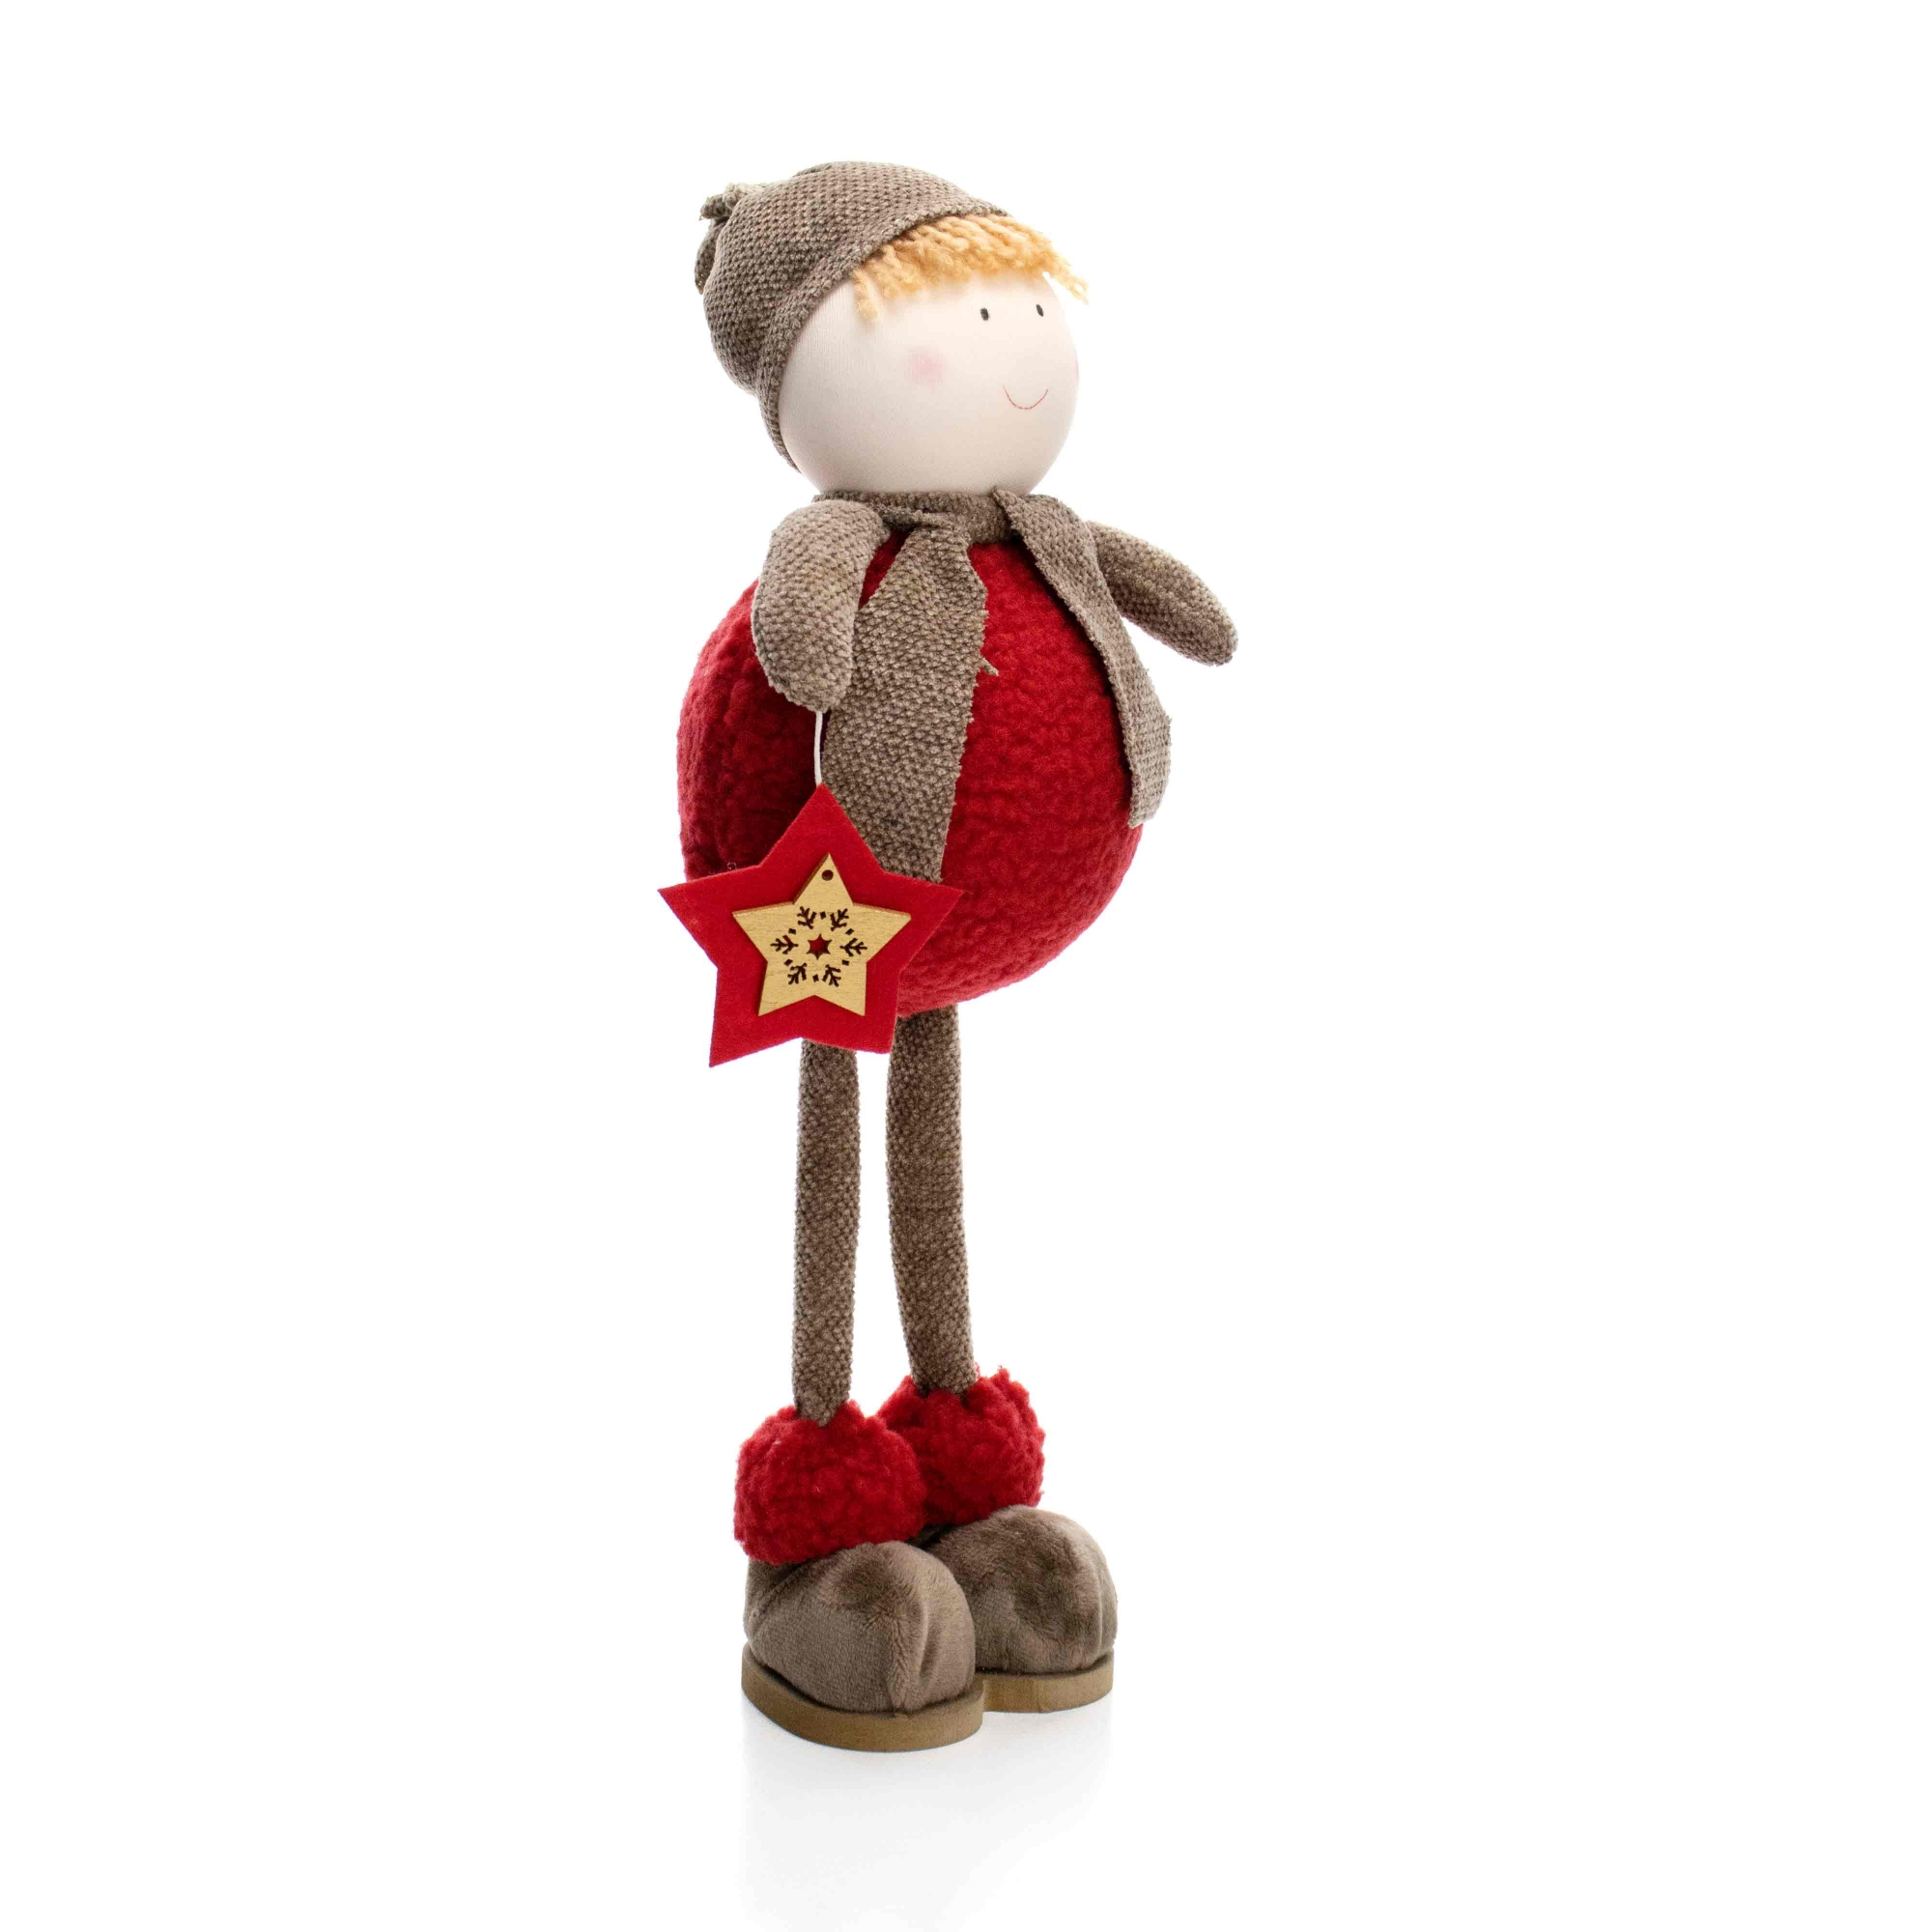 Boneco de Natal Menino em Pé Vermelho e Marrom 40 cm - D'Rossi